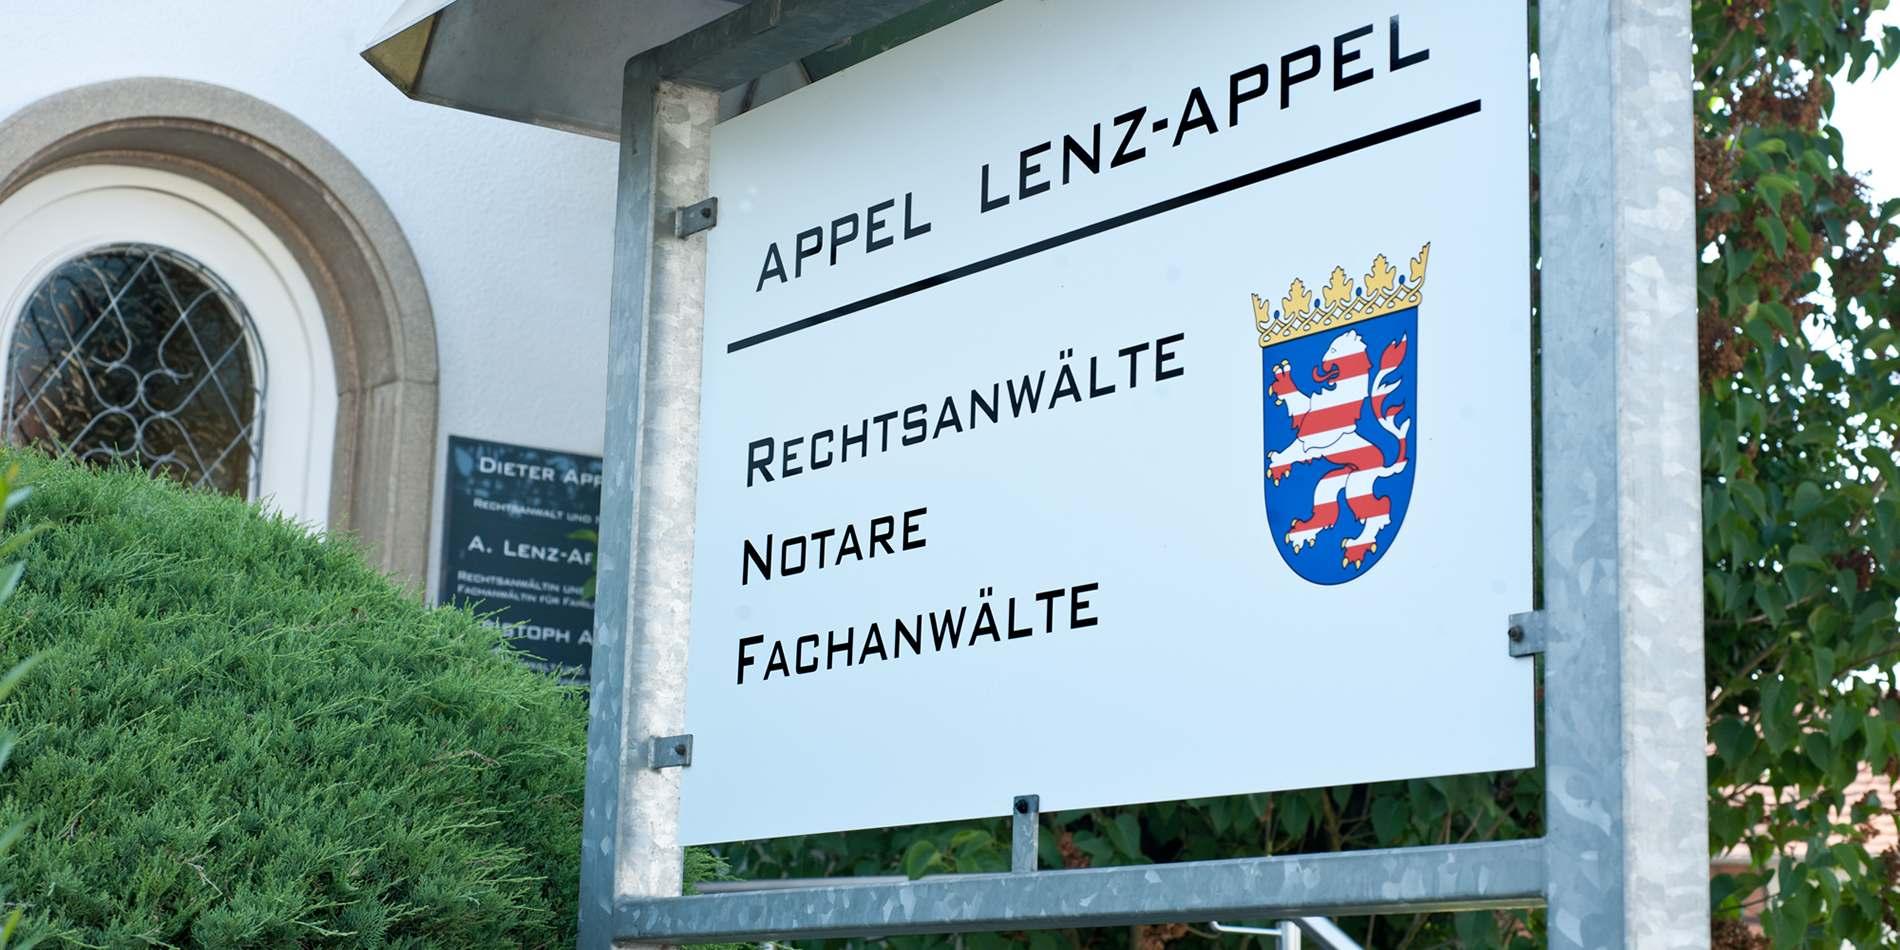 Rechtsanwälte, Notare, Fachanwälte Appel in Altenstadt